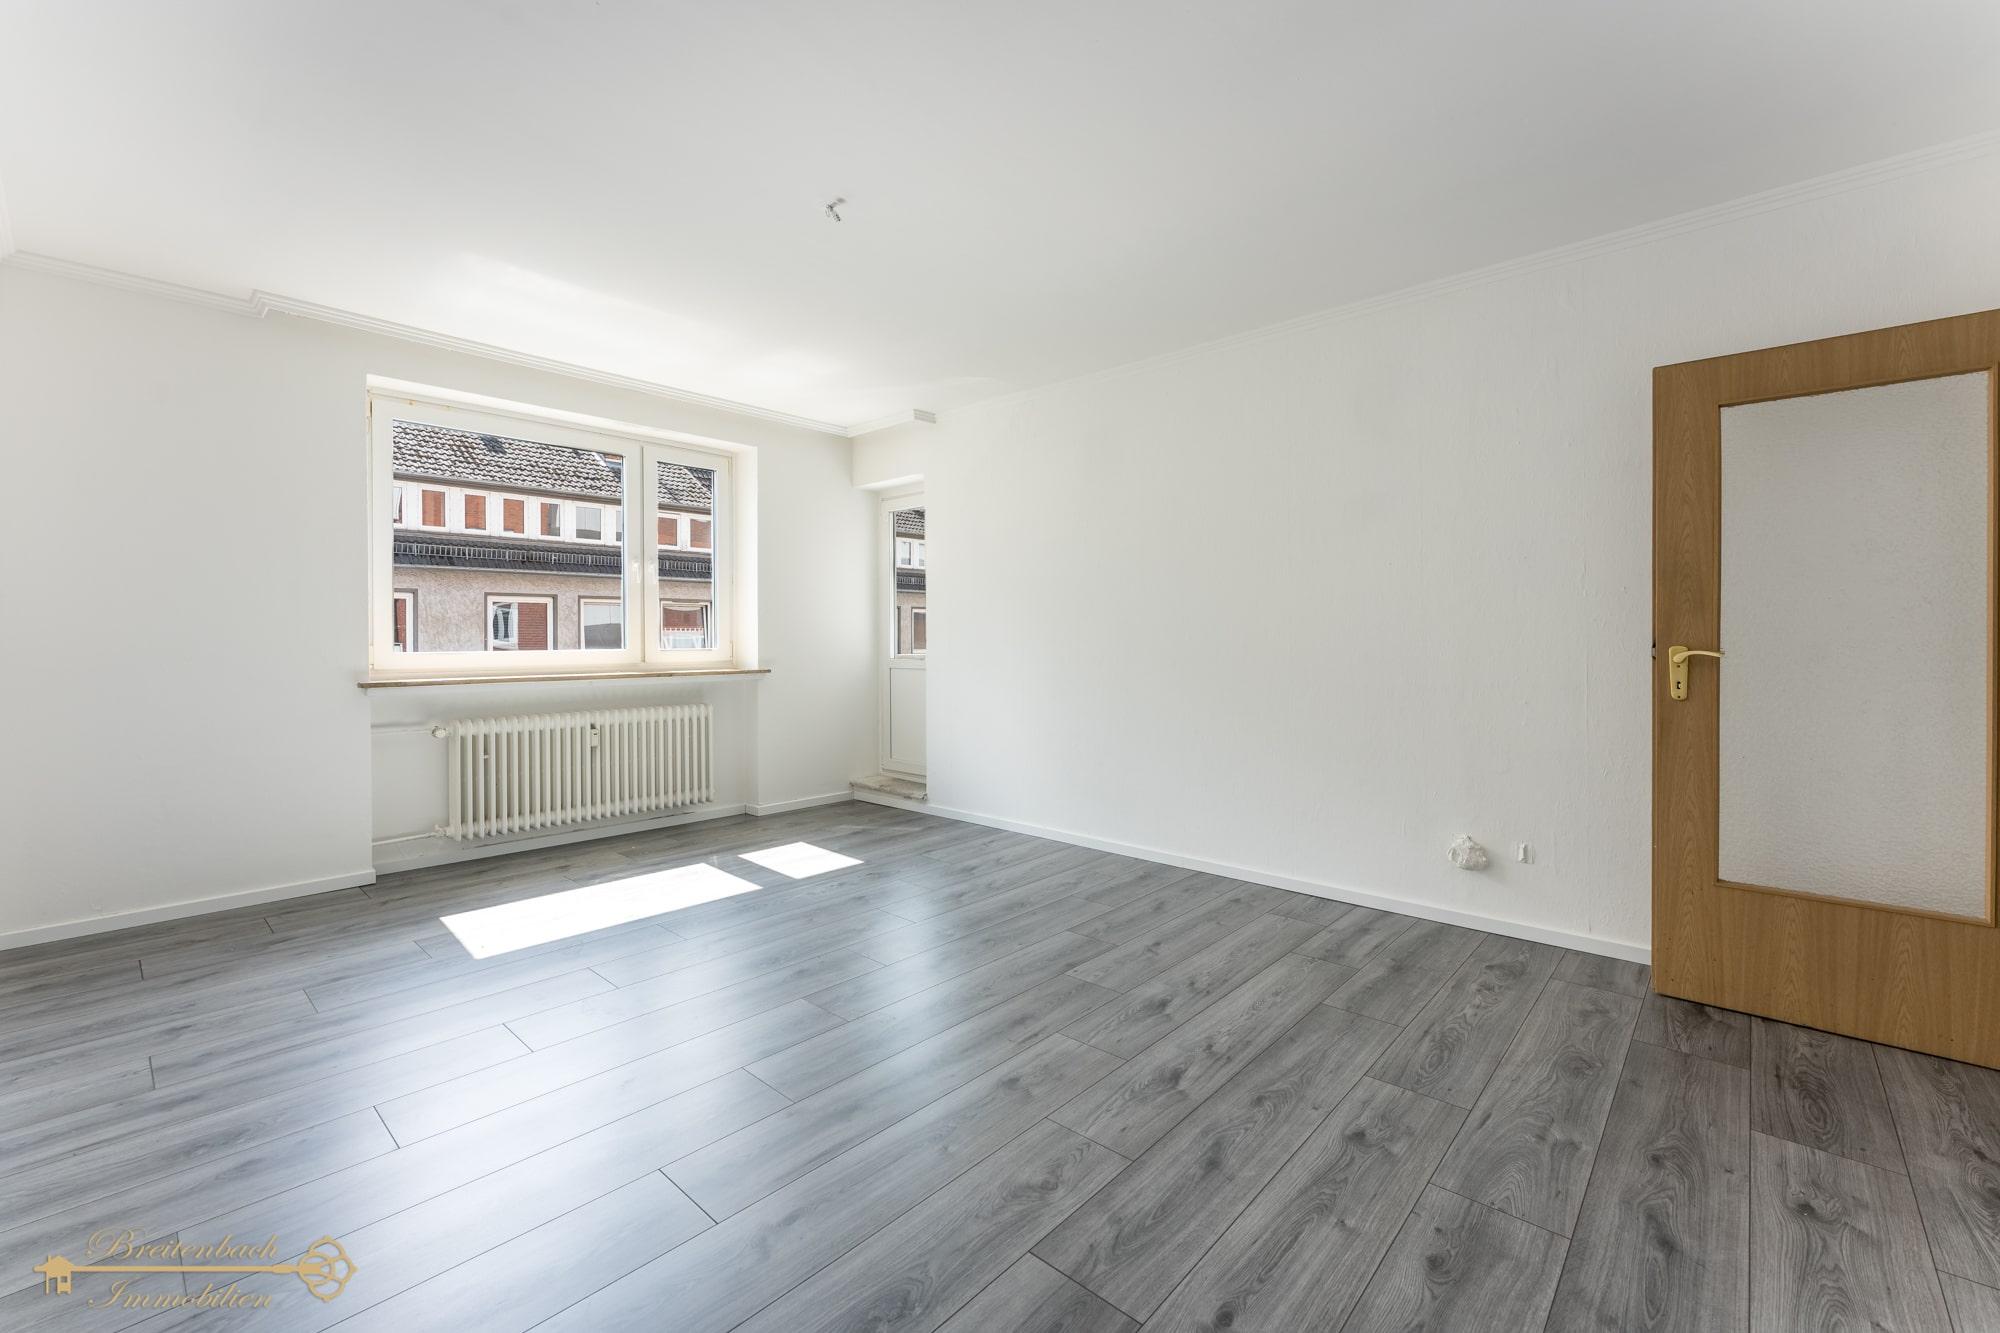 2021-08-03-Breitenbach-Immobilien-Makler-Bremen-11-min